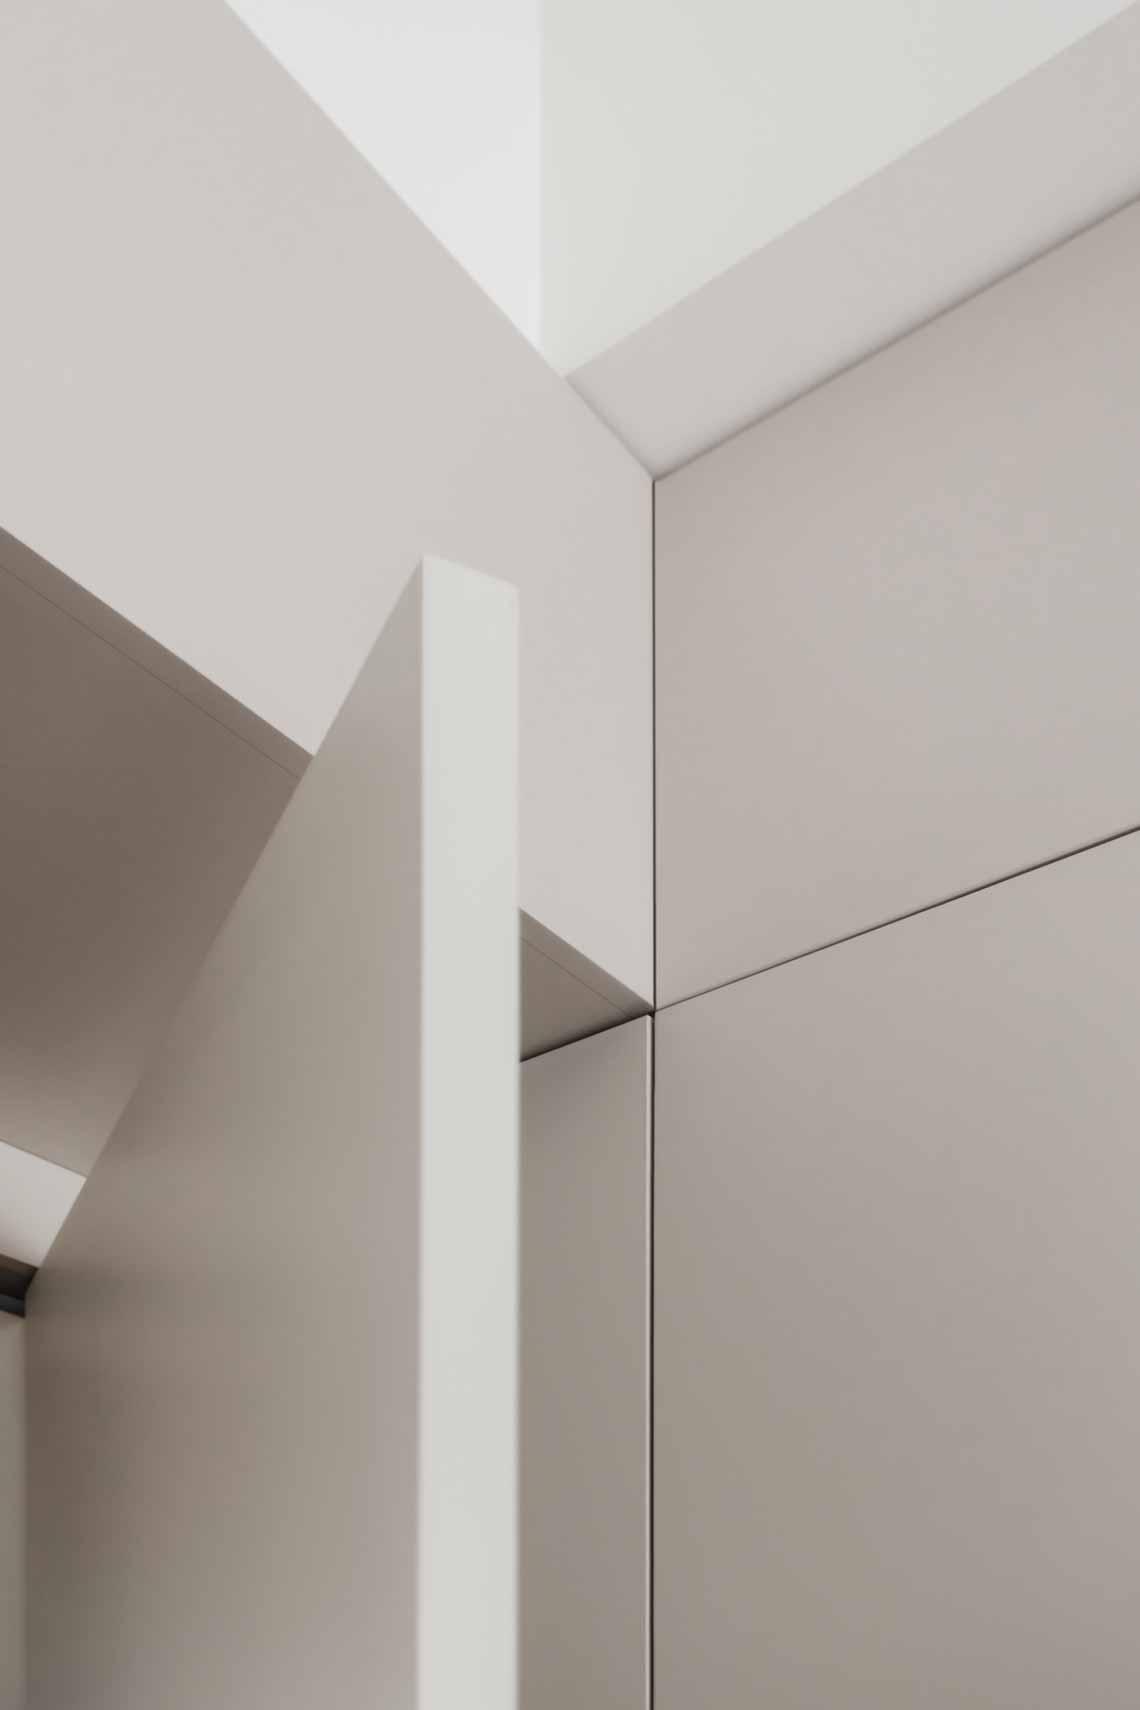 Dự án FG OFF – Một văn phòng không gian hình học màu cam -23